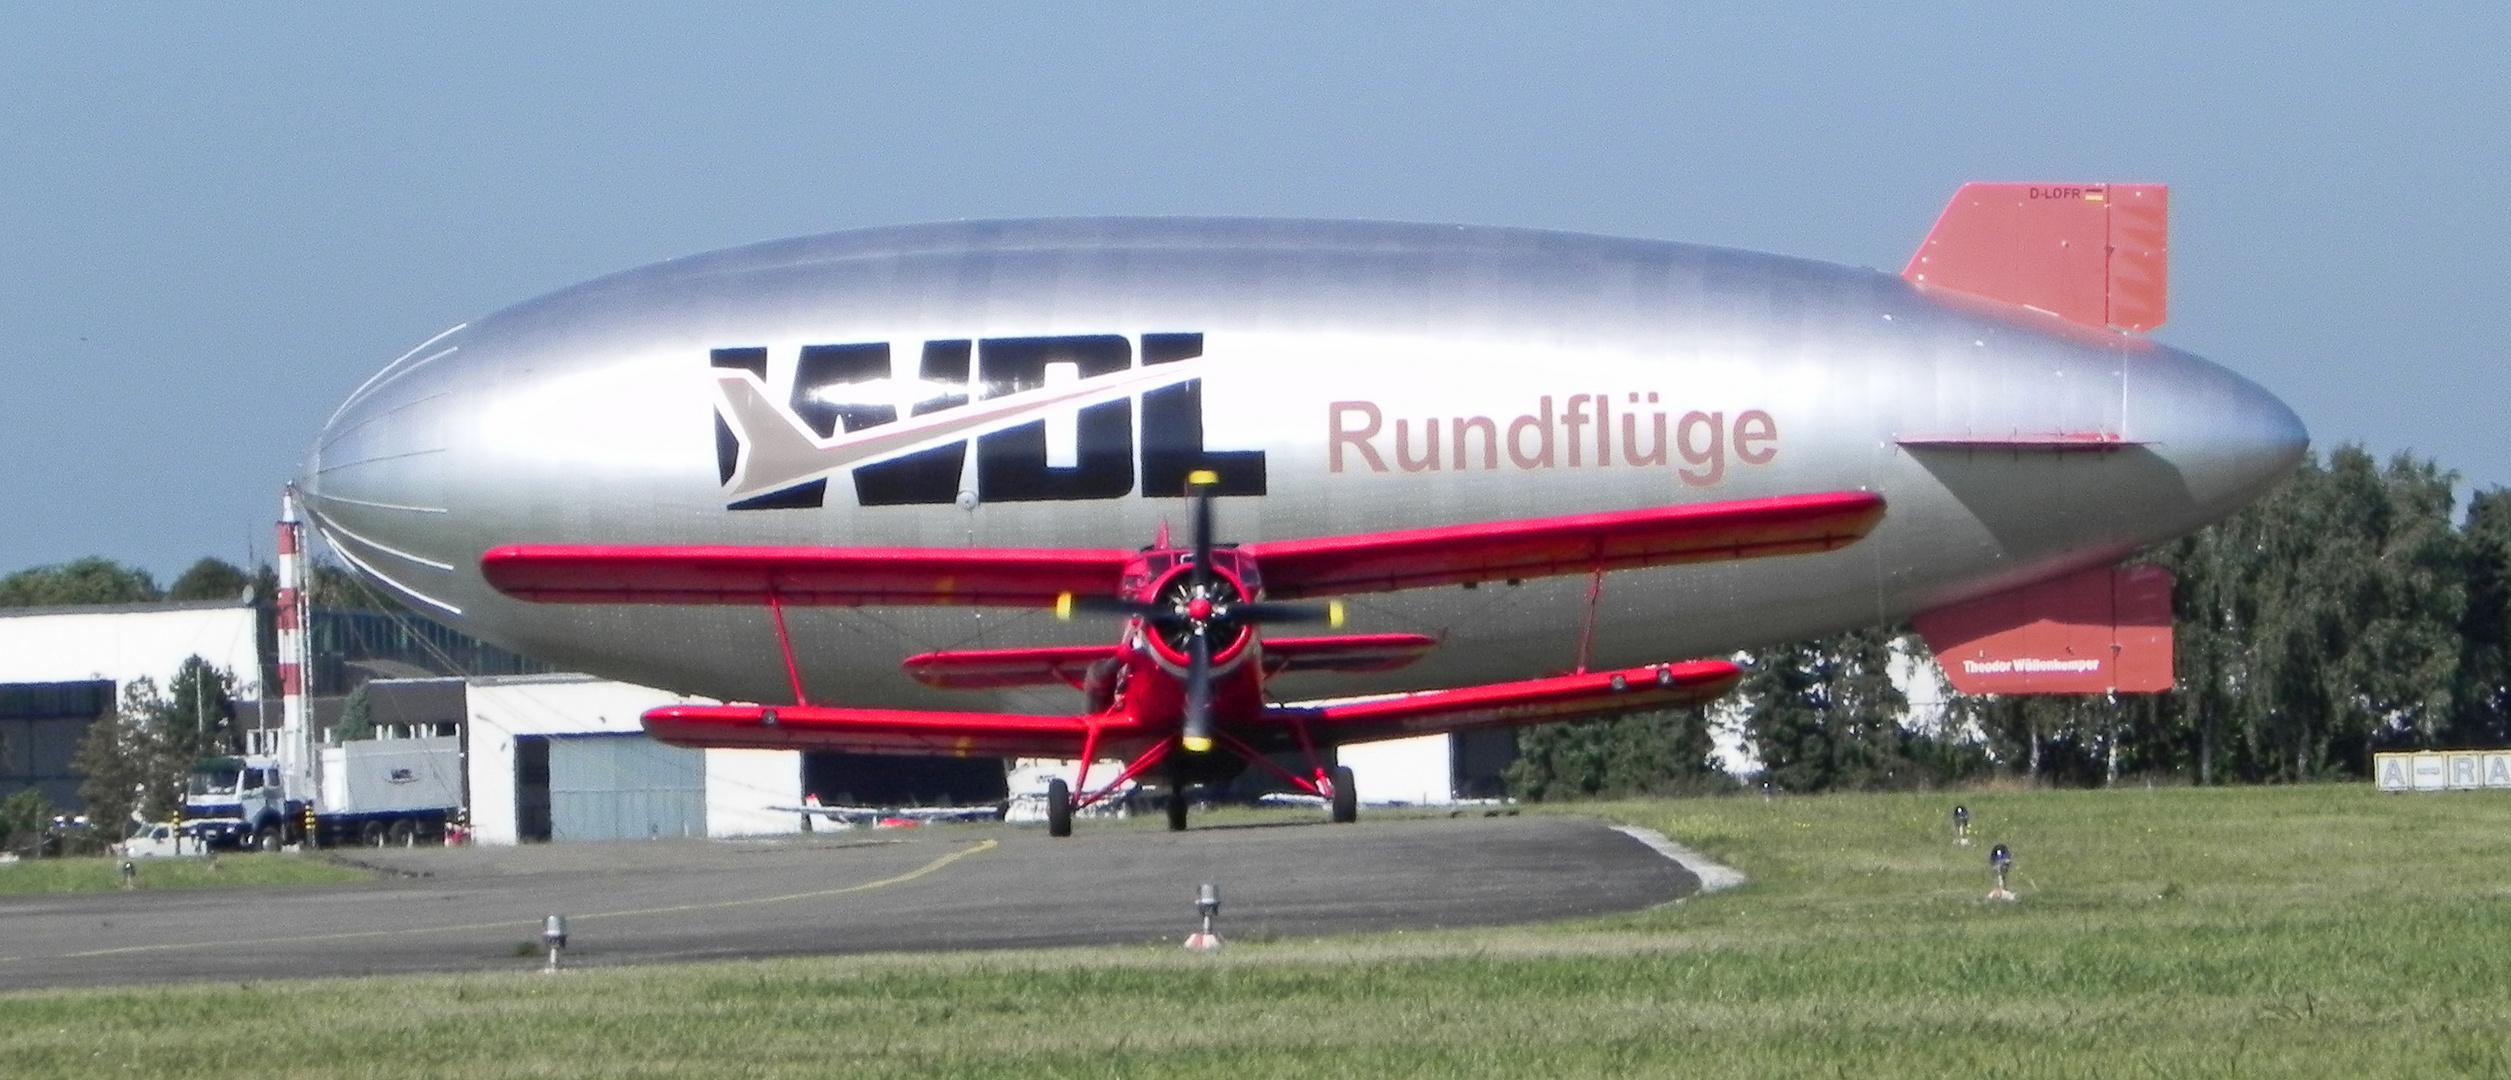 Rundflugwetter # 1